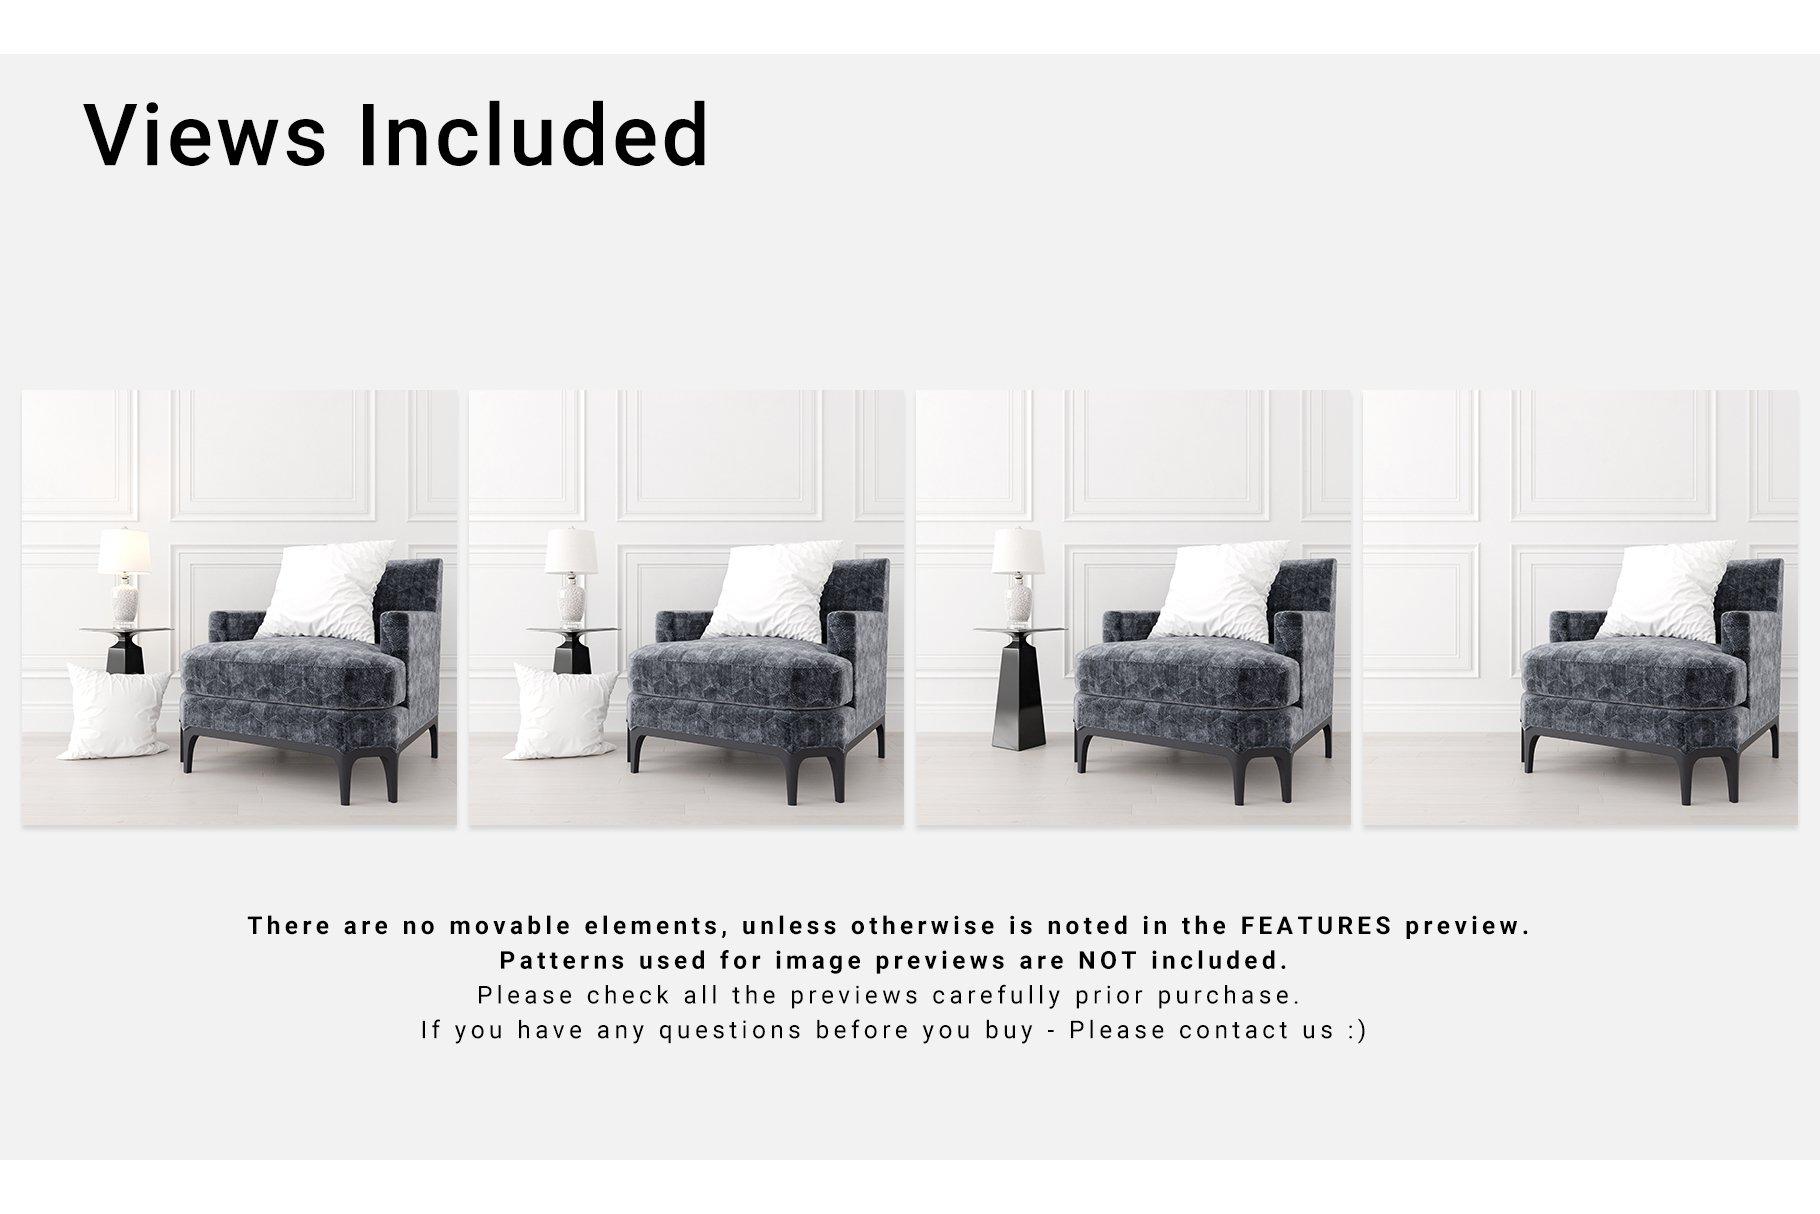 Luxury Interior Throw Pillows Set example image 2